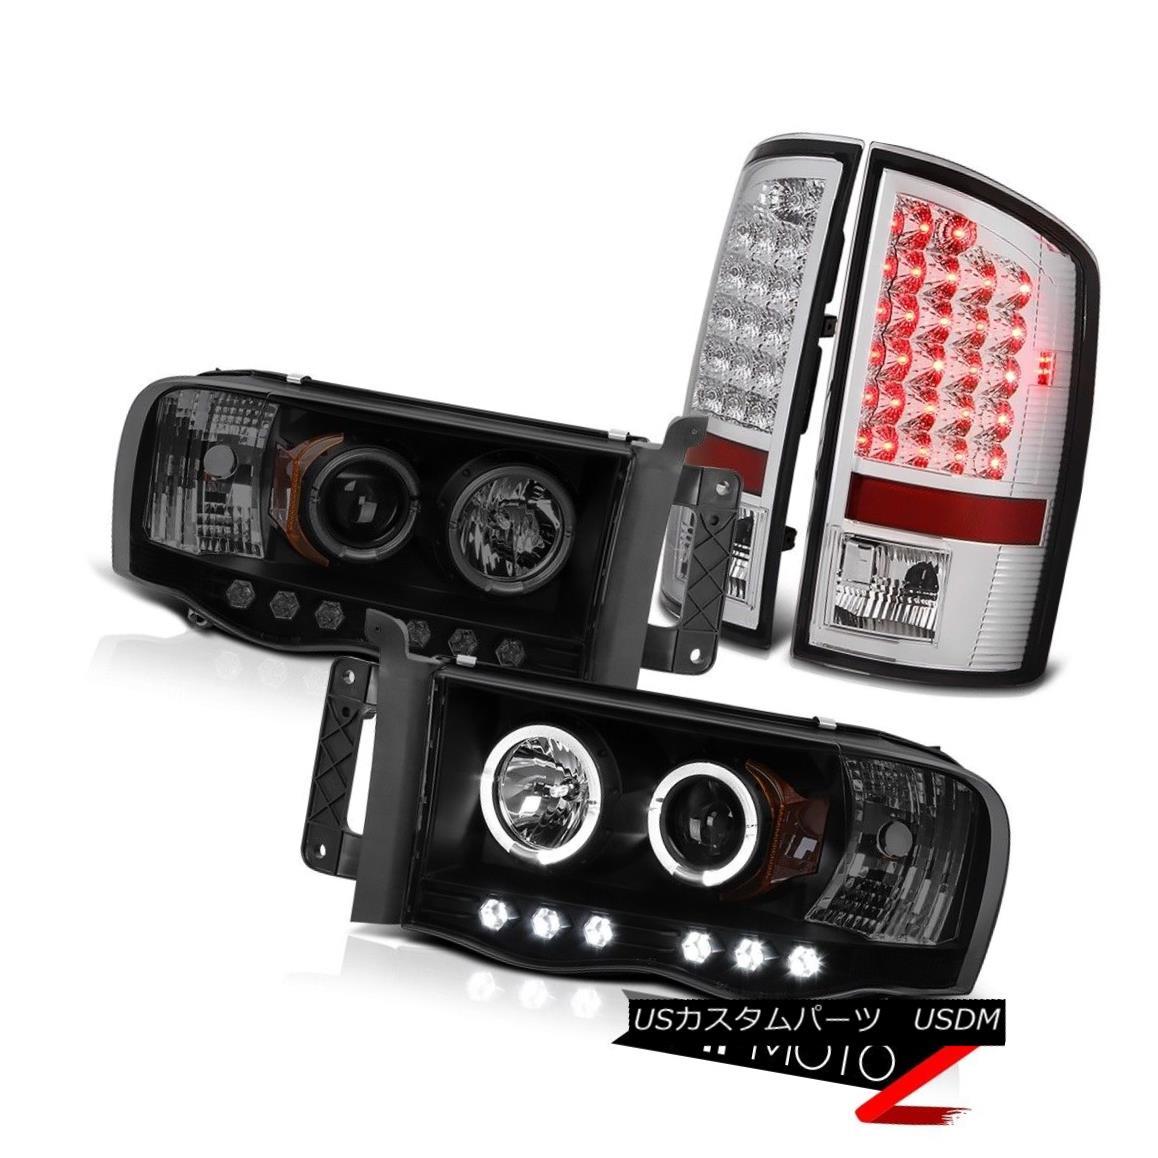 テールライト 2002-2005 Ram V6 V8 Laramie Black Smoke Halo Headlight SMD Rear Tail Lights 2002-2005 Ram V6 V8ララミーブラックスモークヘイローヘッドライトSMDリアテールライト